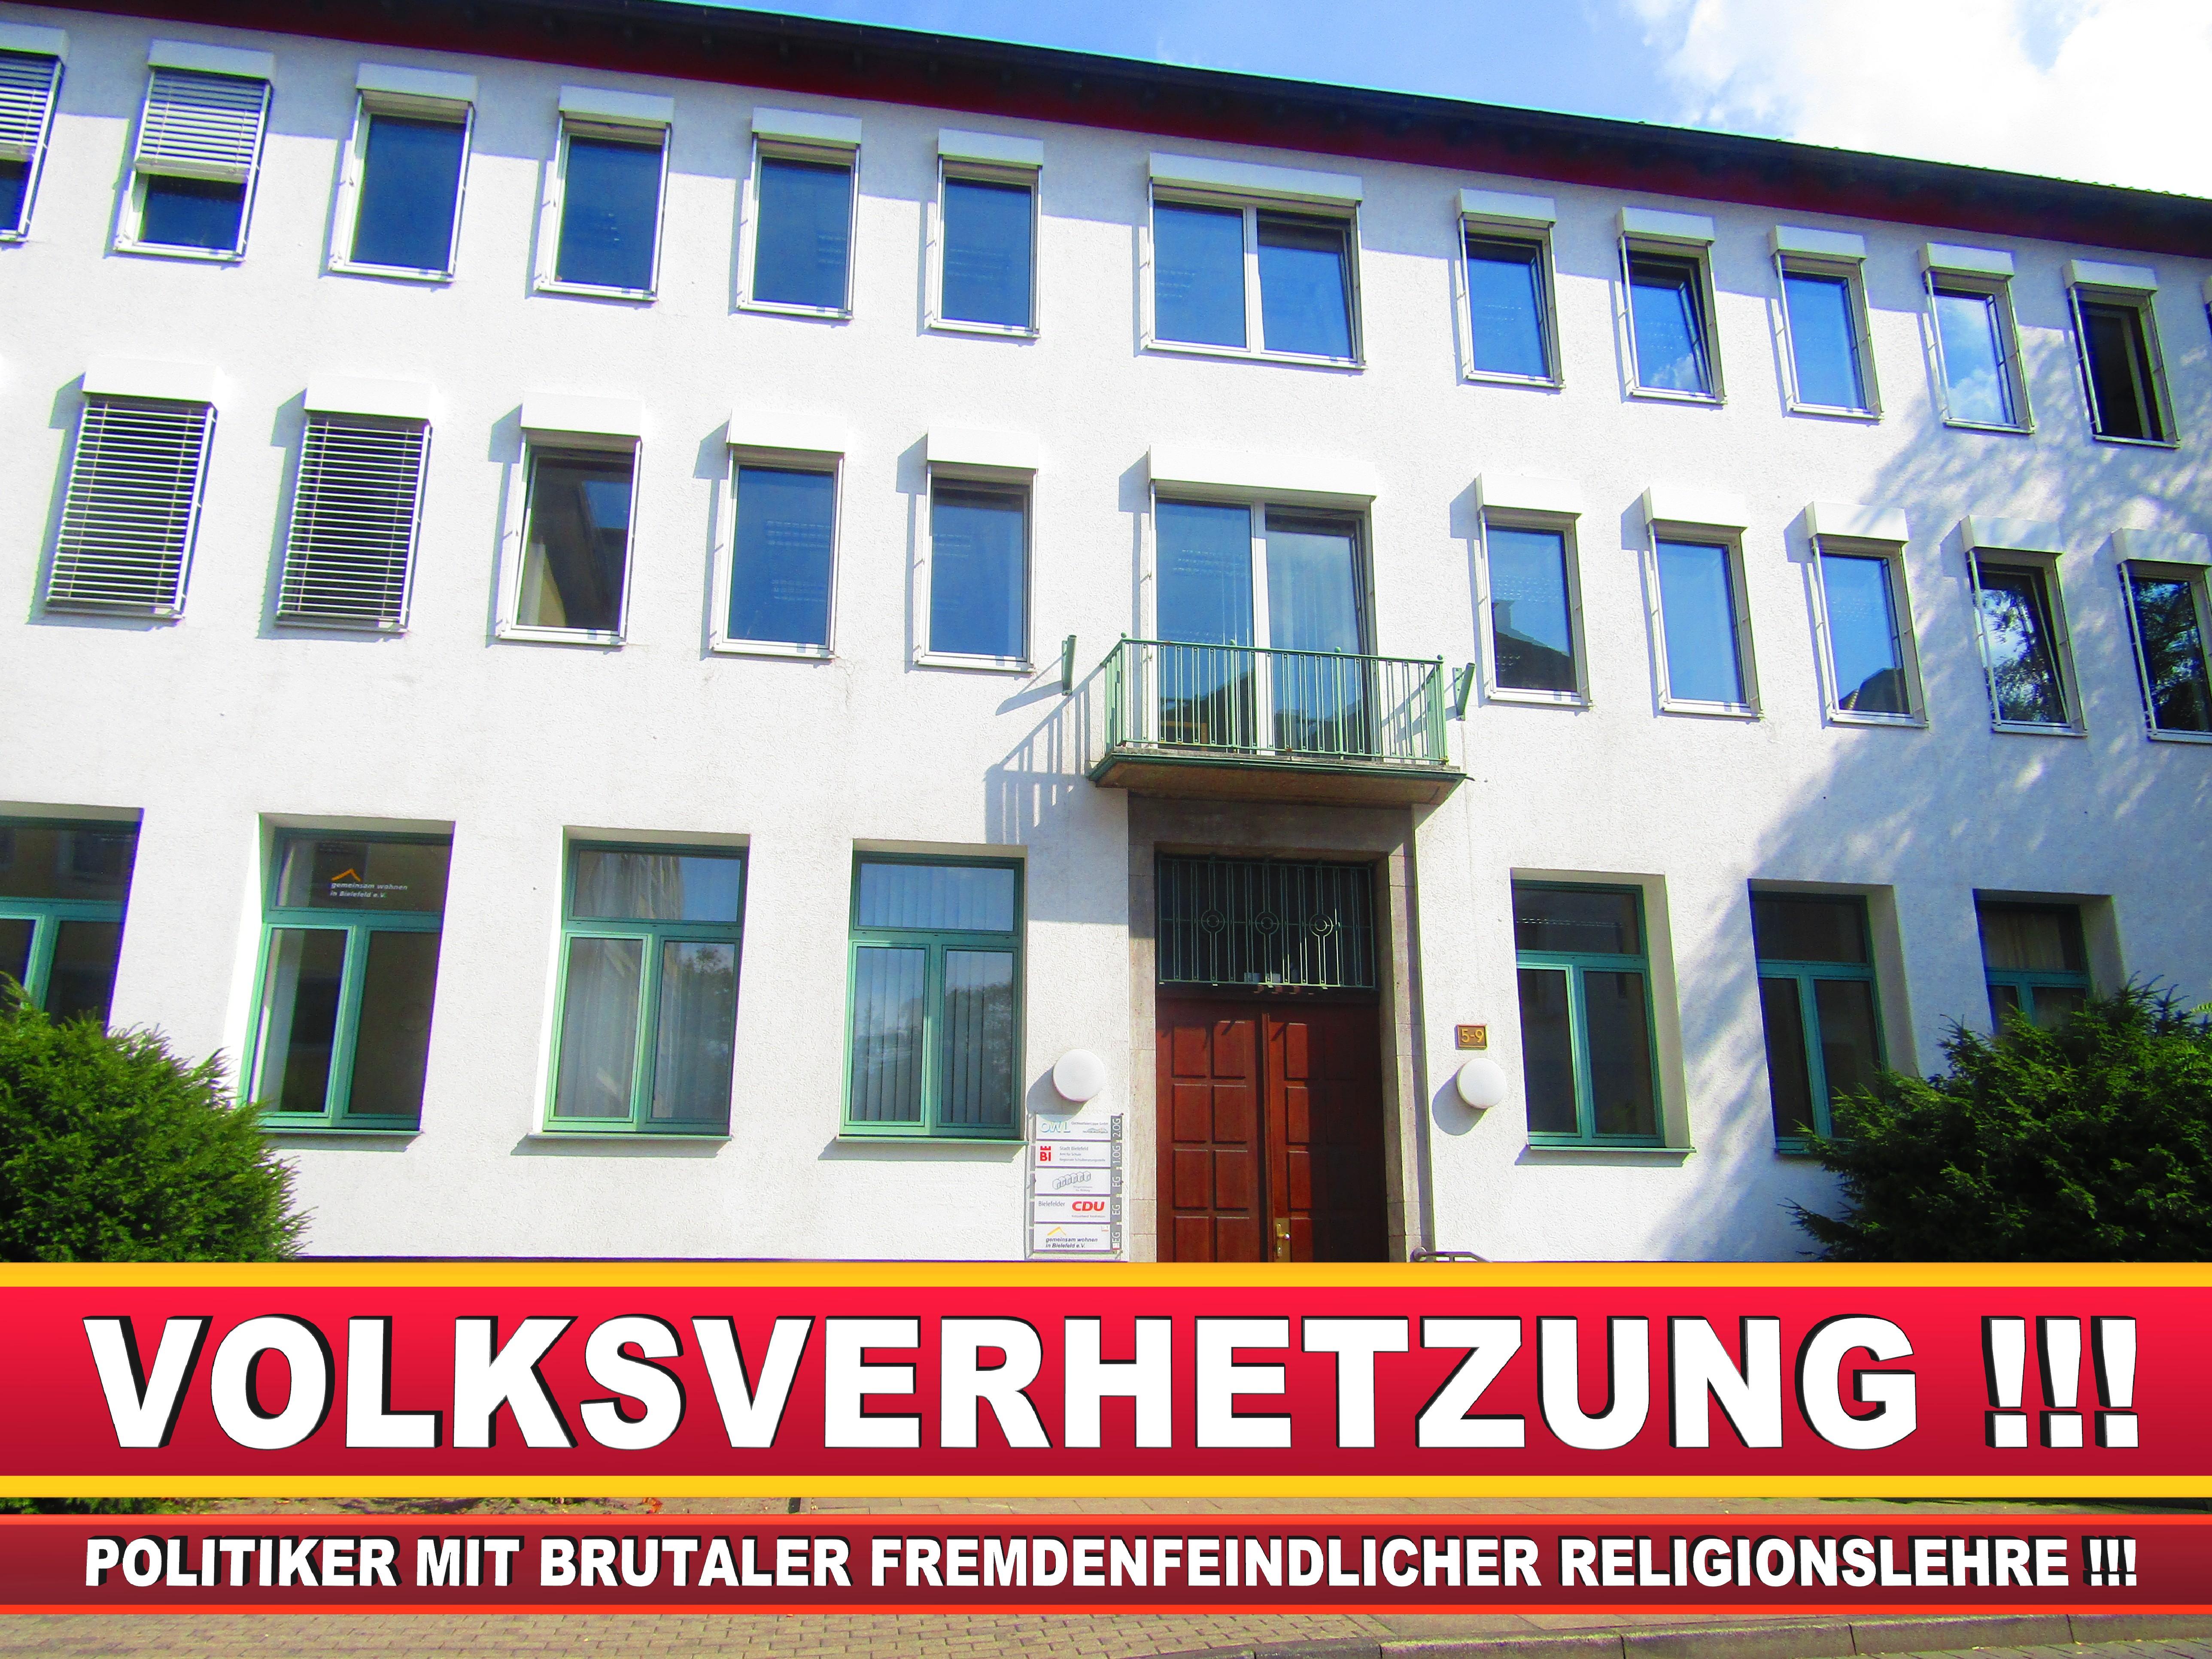 CDU Geschäftsstelle CDU Bielefeld Turnerstraße 5 (1) LANDTAGSWAHL BUNDESTAGSWAHL BÜRGERMEISTERWAHL